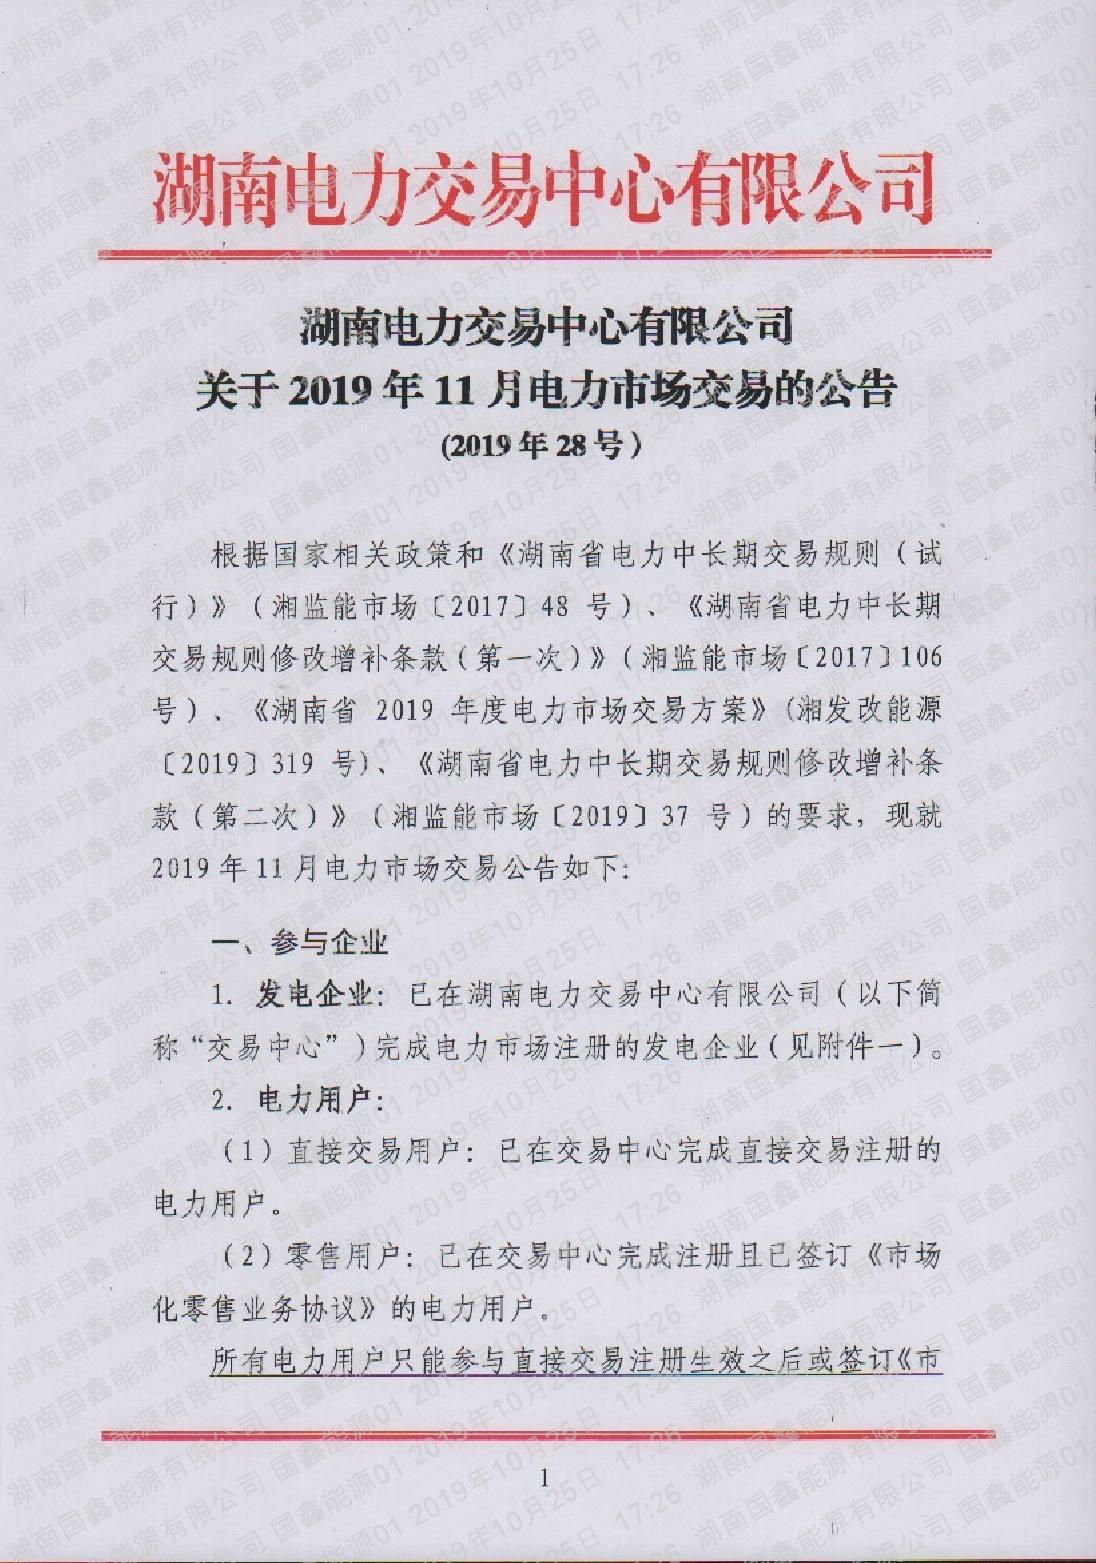 2019年第28号交易公告(11月月度交易).pdf_page_1_compressed.jpg